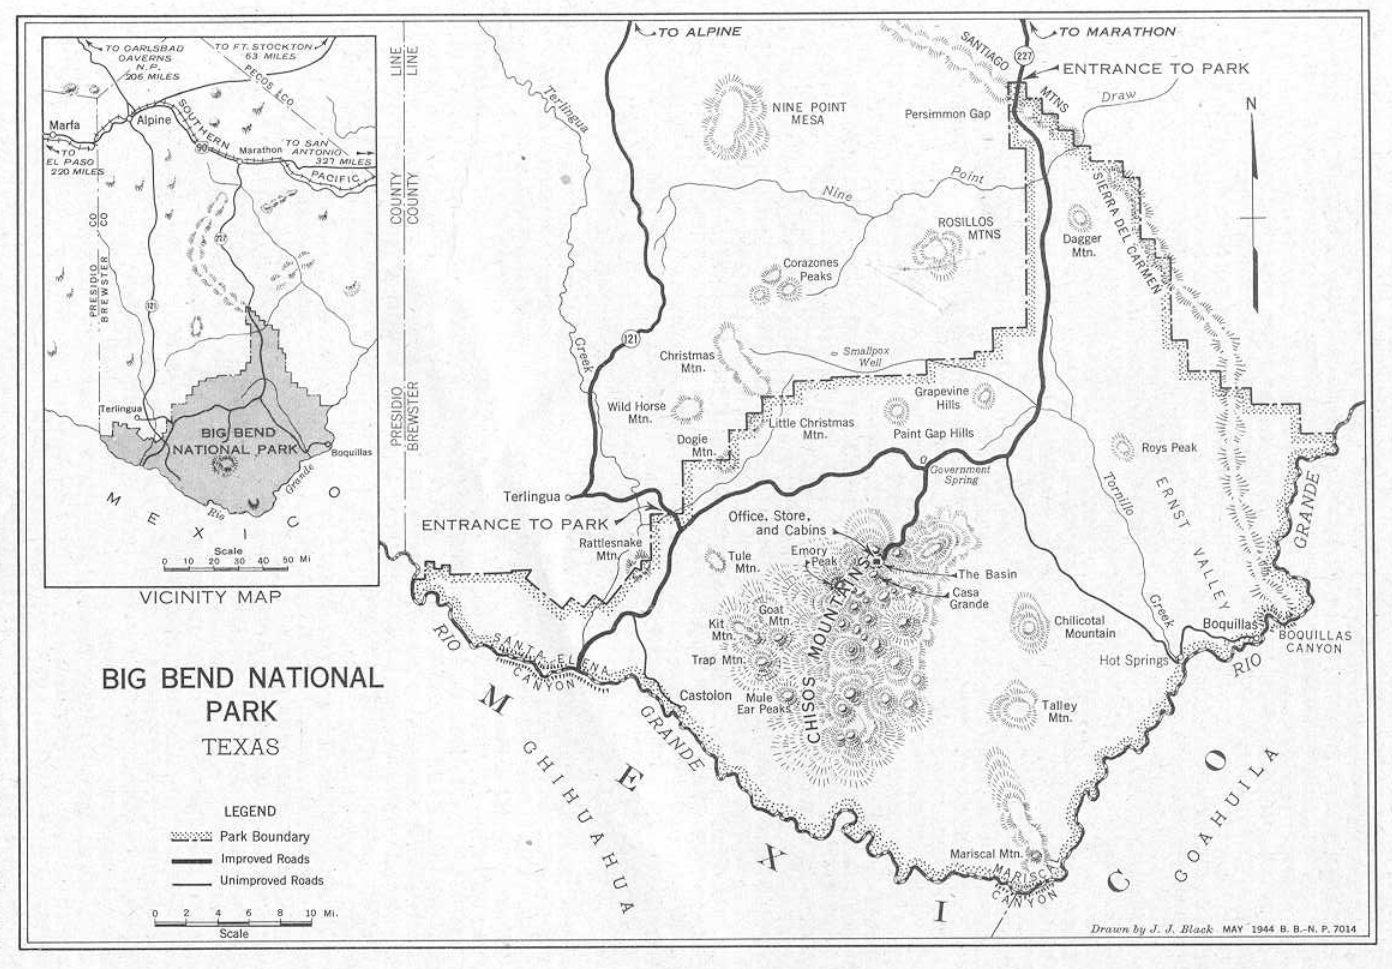 Big Bend National Park - Big Bend National Park Map Texas